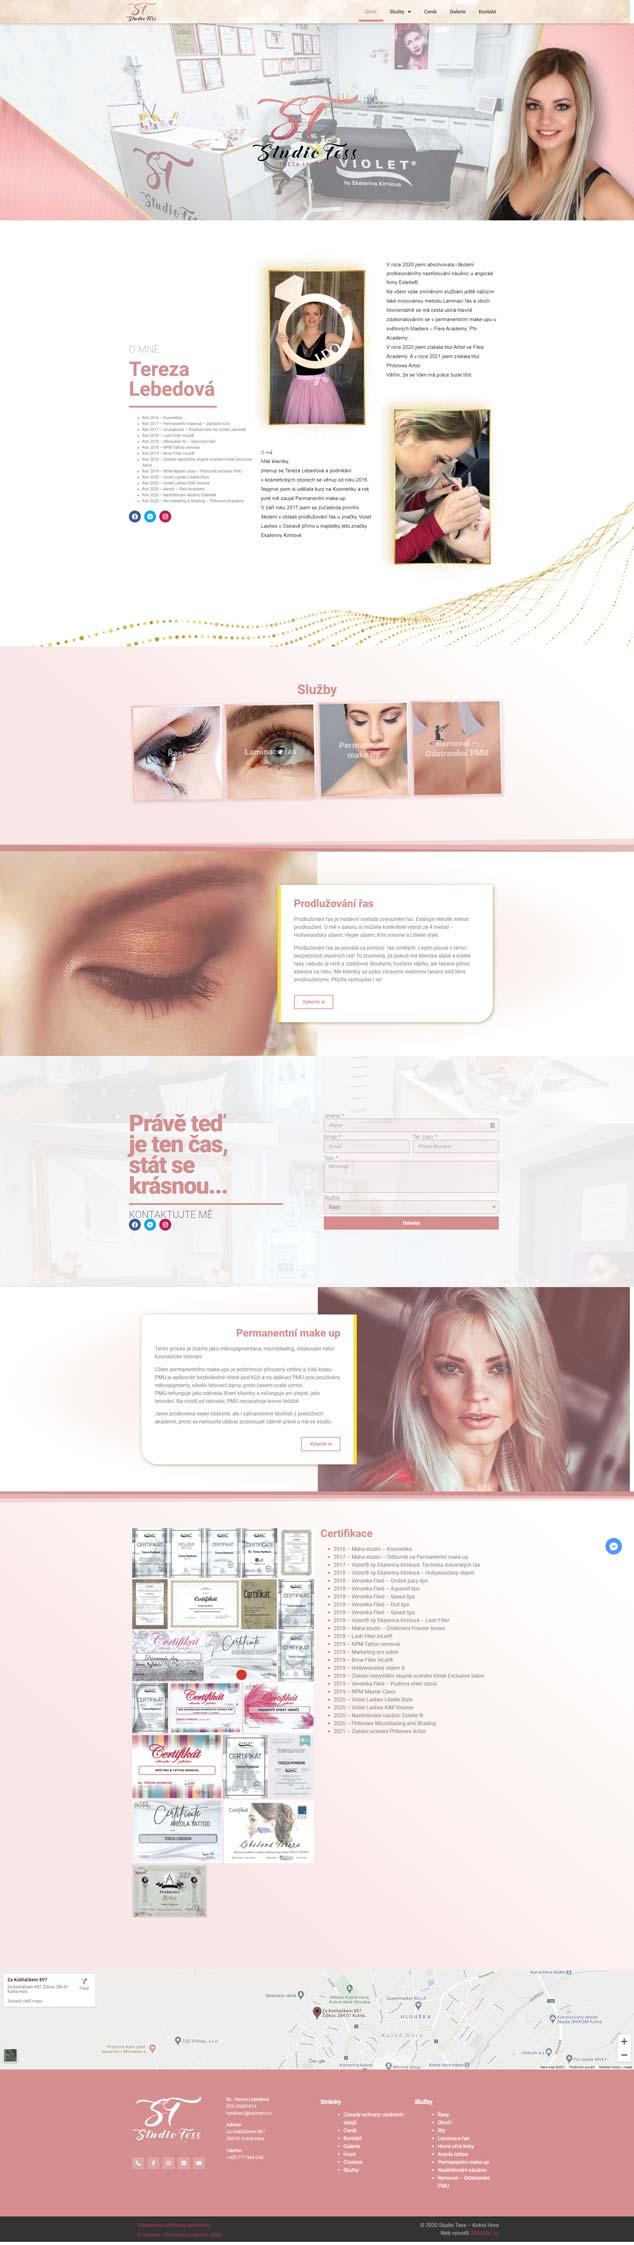 Tvorba webových stránek,webové stránky,tvorba webu | onmade. Cz | https://onmade. Cz/portfolio/tvorba-webovych-stranek/